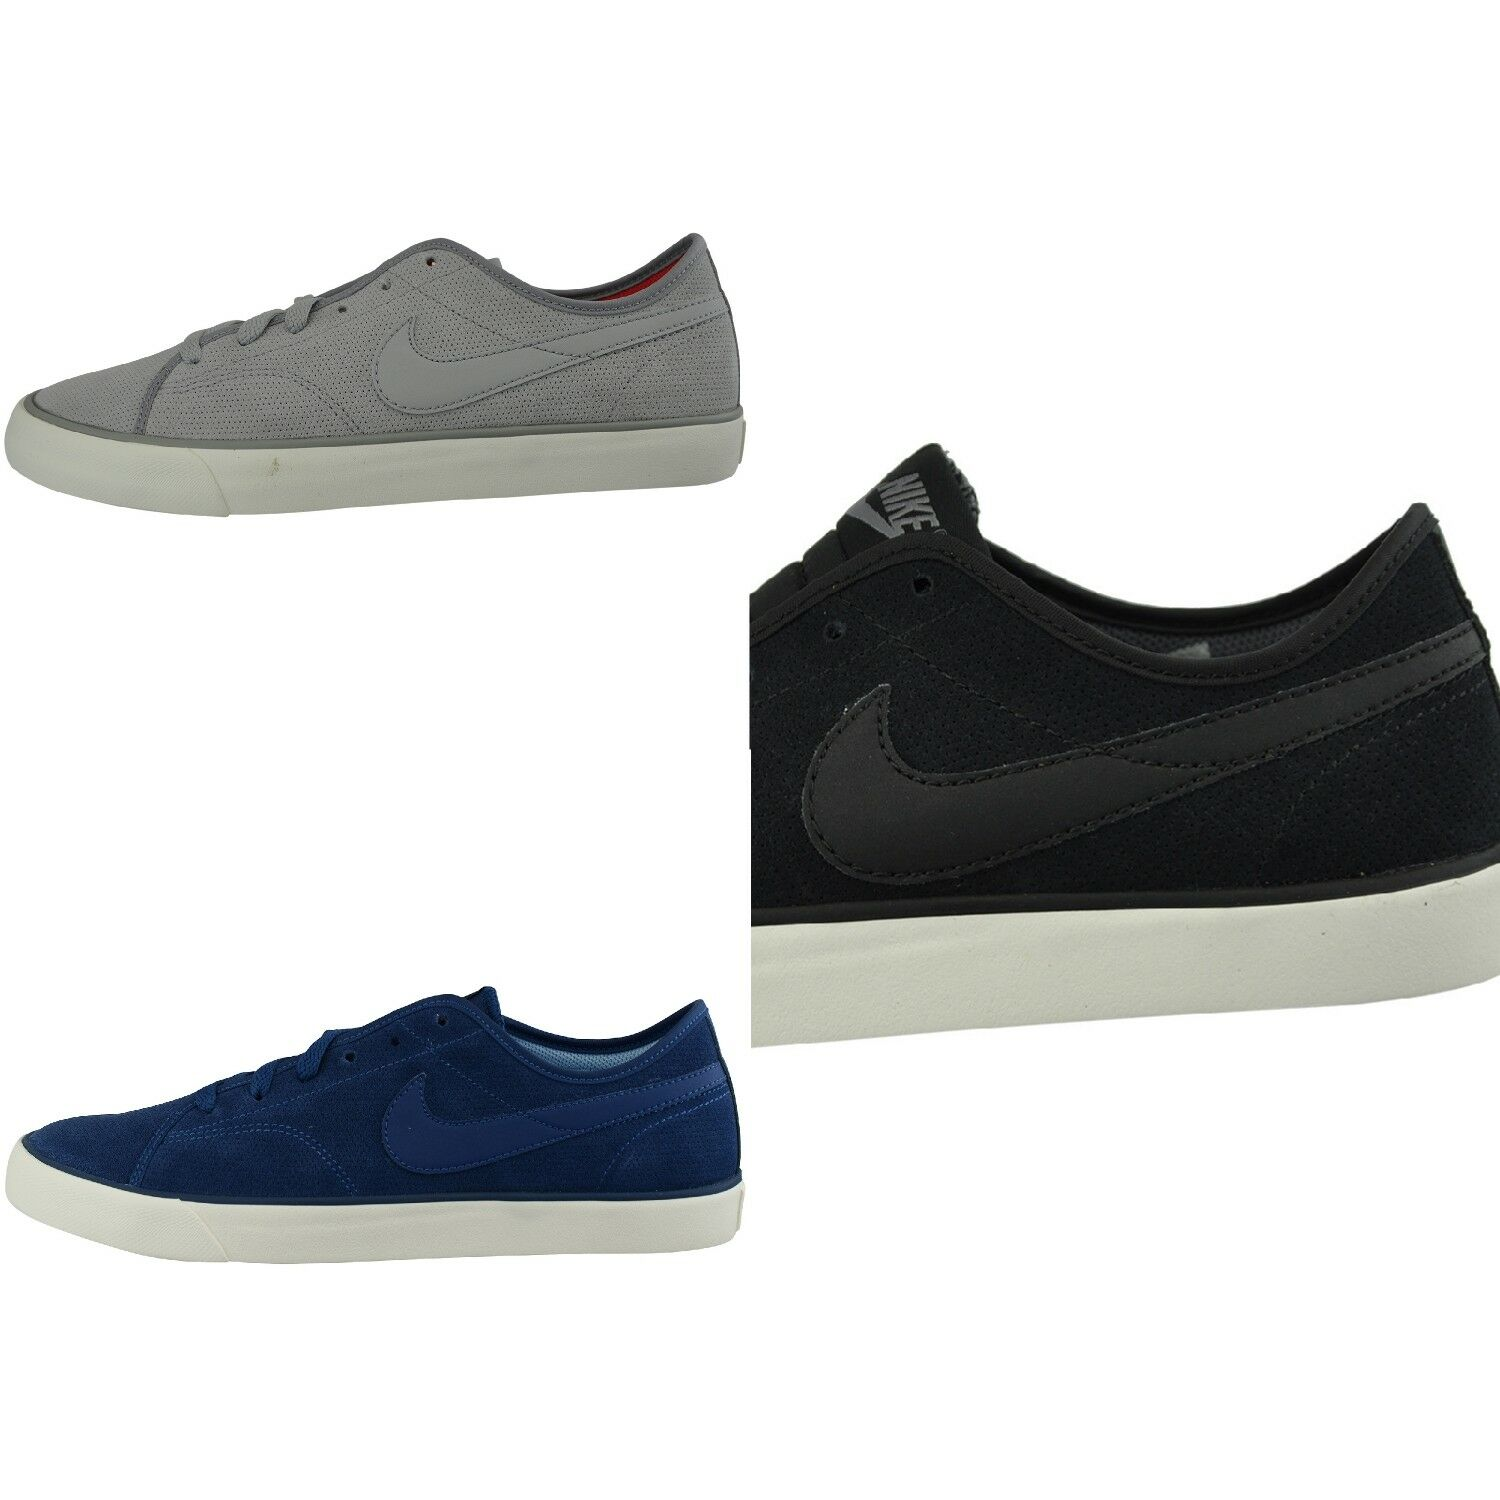 online store 801b8 ce551 ... Nike Primo Court Scarpe da ginnastica di di di pelle skate sport 2c99bb  ...